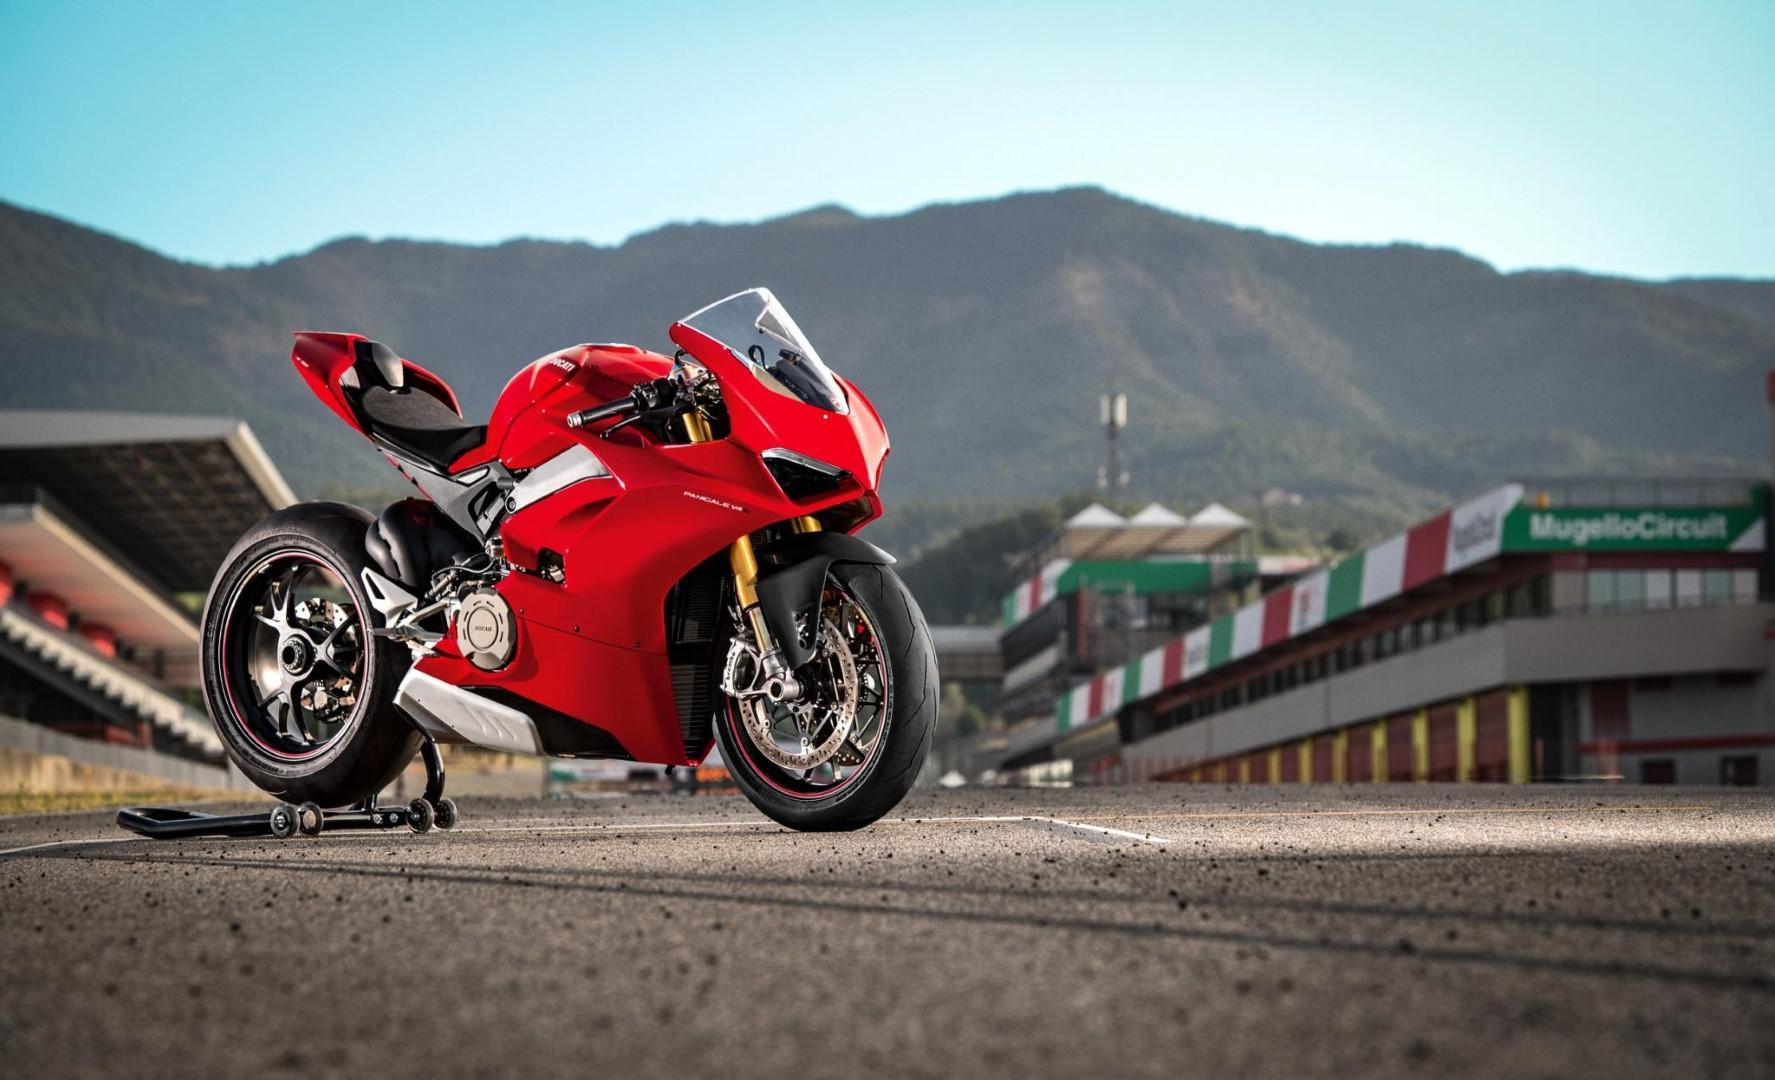 les-motos-2018-qu-on-espere-voir-au-maroc-506-7.jpg